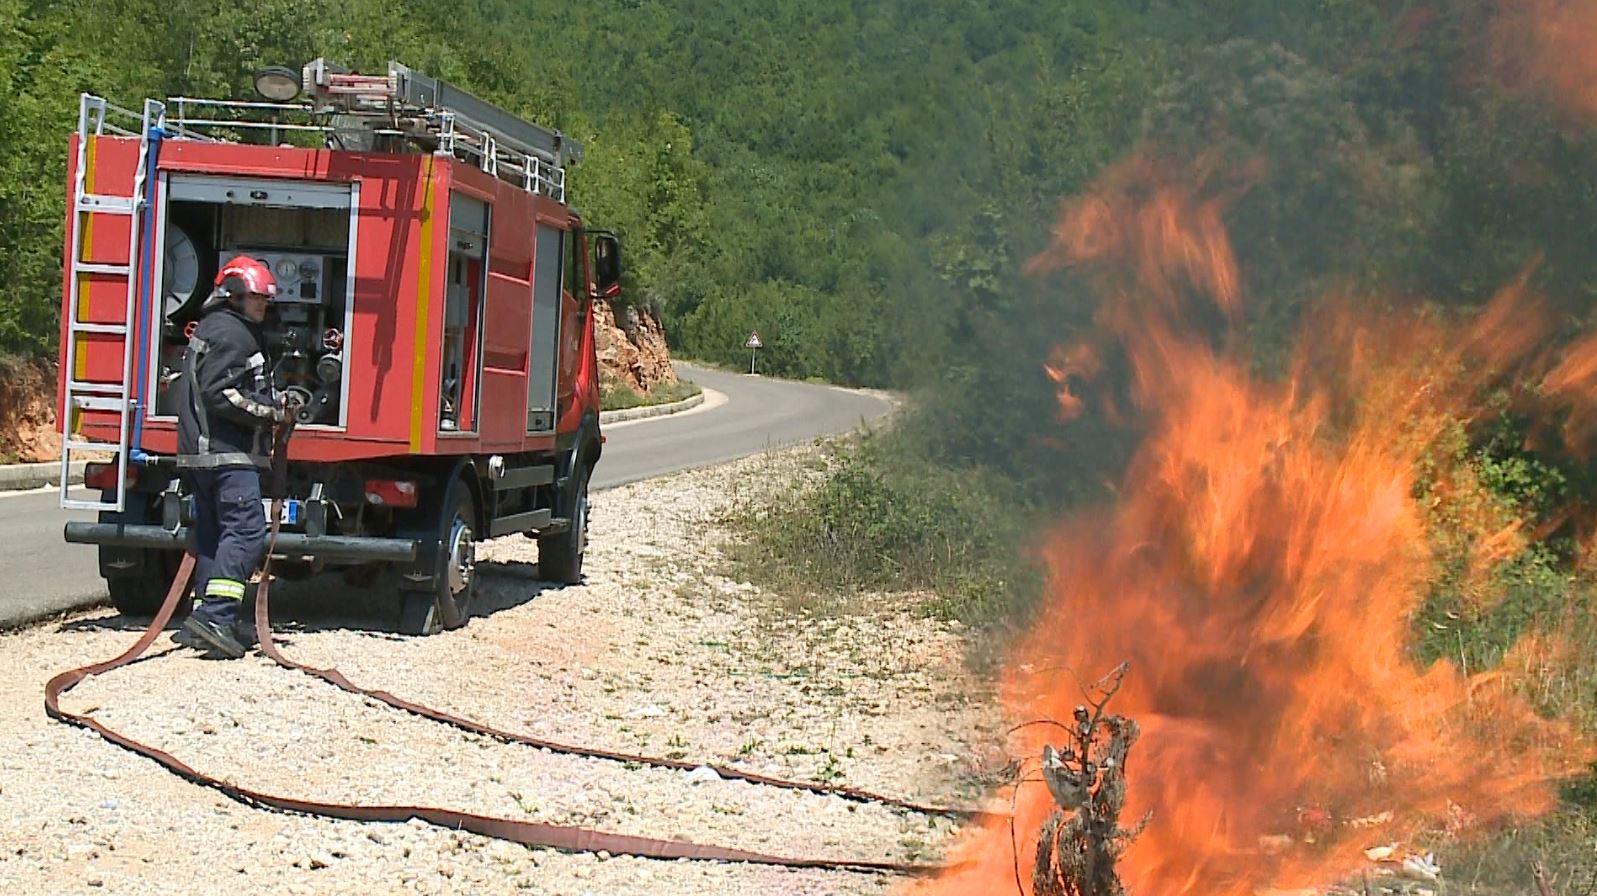 Fier, digjet rrjeti elektrik furnizimit me energji në fshatin Shënpjetër.